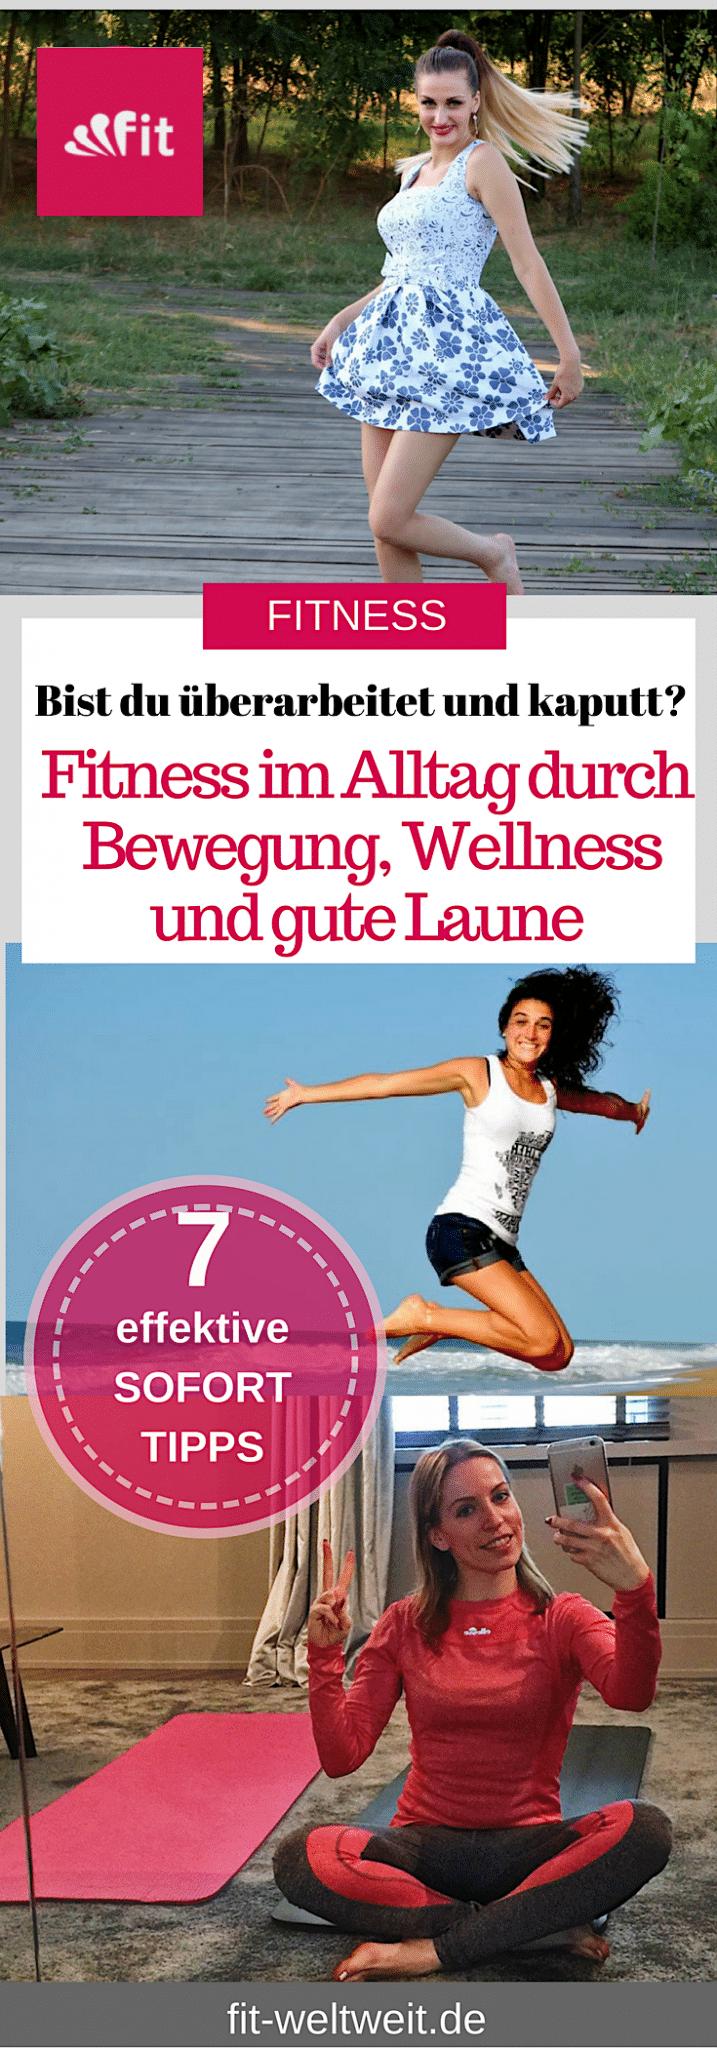 Fitness im Alltag - wie soll das denn funktionieren?Man kommt ja so schon zu nichts.#Bewegung und Wellness sollst dunun auch nochintegrieren?!Auch bei diesem Themen (ähnlichbeimThema trinken) reden alle davon, wie easy es ist,doch wie setzen die Menschen das in der Realität um?Was kannst du exakt tun, um gesünder im Alltag zu leben?#Fitness im #Alltag durch diese 7 effektiven SOFORT- Tipps für Wellness und gute Laune #Fitness #Alltag #Tipps